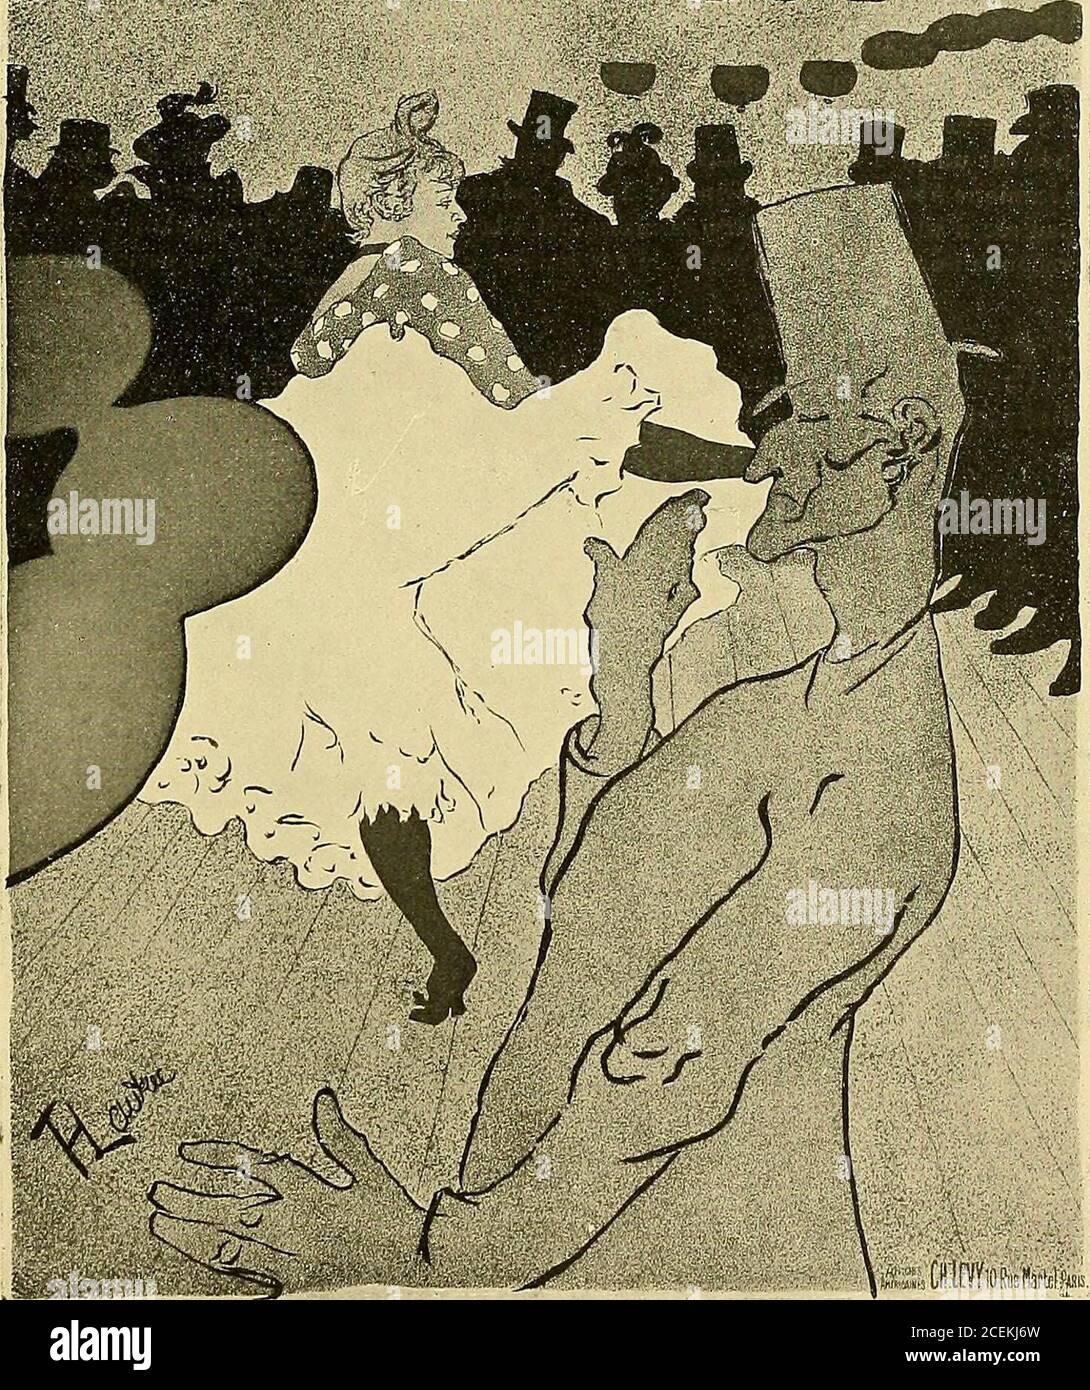 . Le peintre-graveur illustré : (xix y xx siècles). 339. — MOULIN-ROUGE (la goulue) (H. i,yoo millim, L. i OUÙN jsoo)   ROUGE Râi . I lonq o?tvfl?. M TOUS les SOIRS OOU LU K. (1&91) i Etat. Reproduit celui. 2 — Eli outre de la lettre du H., en la luz vers le B. : Tous les soirs. Moulin Rouge. Les Mercreis y Samedis. BAL MASQUÉ. Cette affiche en deux feuilles et qui, pour être complète, doit comprendre une bande contenant unepartie de la lettre du haut, a été exposée à Reims en 1896 (à lExposition Internationale dAffingiches), puisreproduite à diverses prises ; notons ici, parces mi reproductions Foto de stock